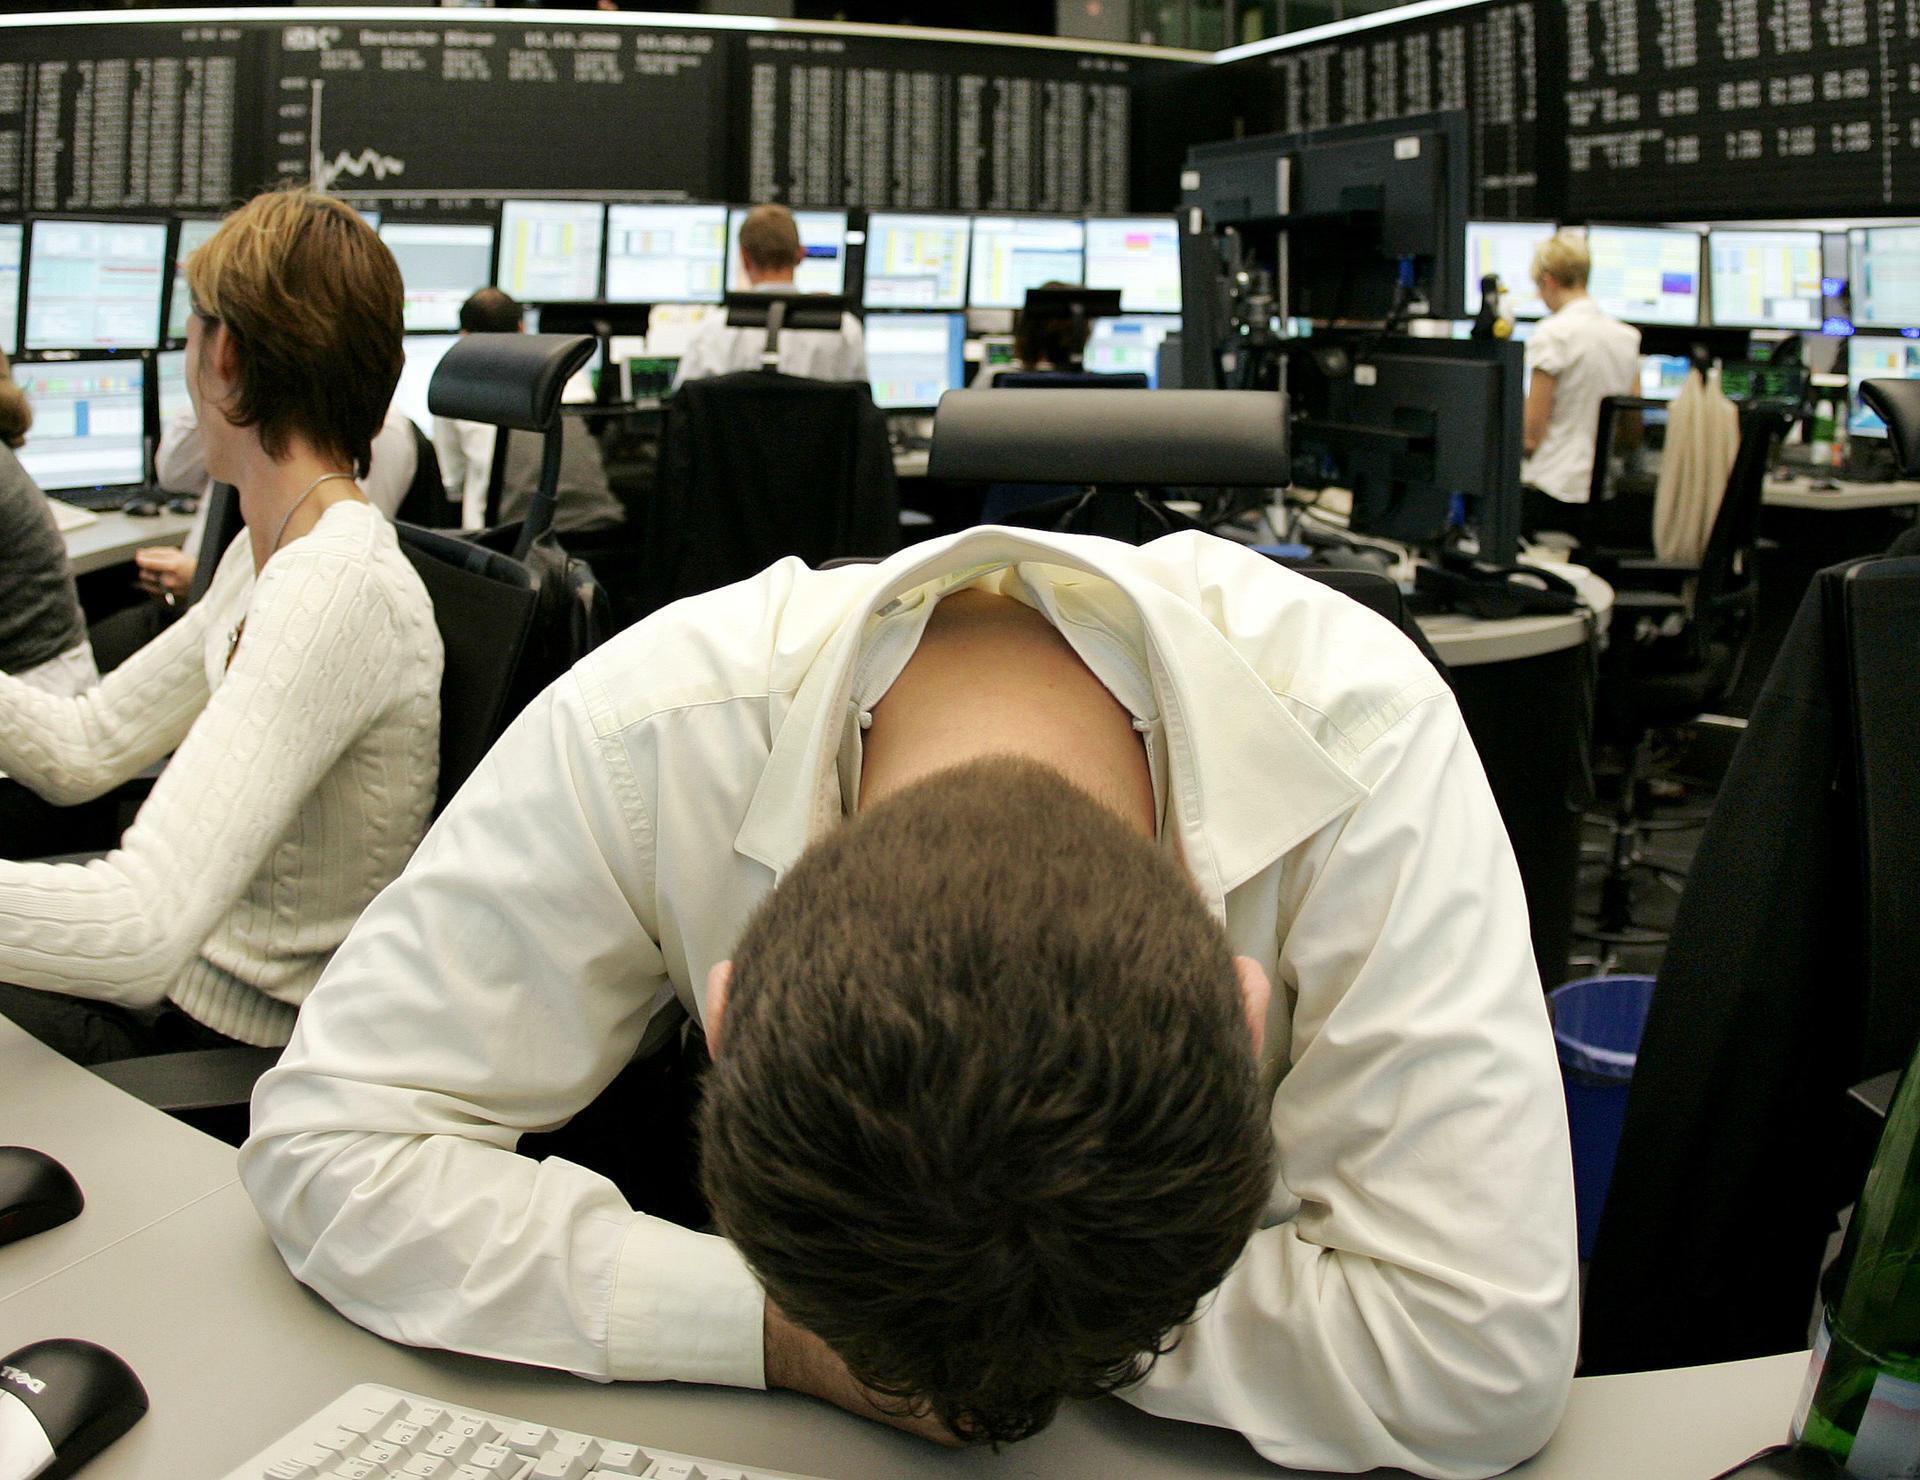 Verzweifelter Händler im Oktober 2008. S&P hat analysiert, was neue Schocks an den Märkten auslösen könnte. Quelle: AP